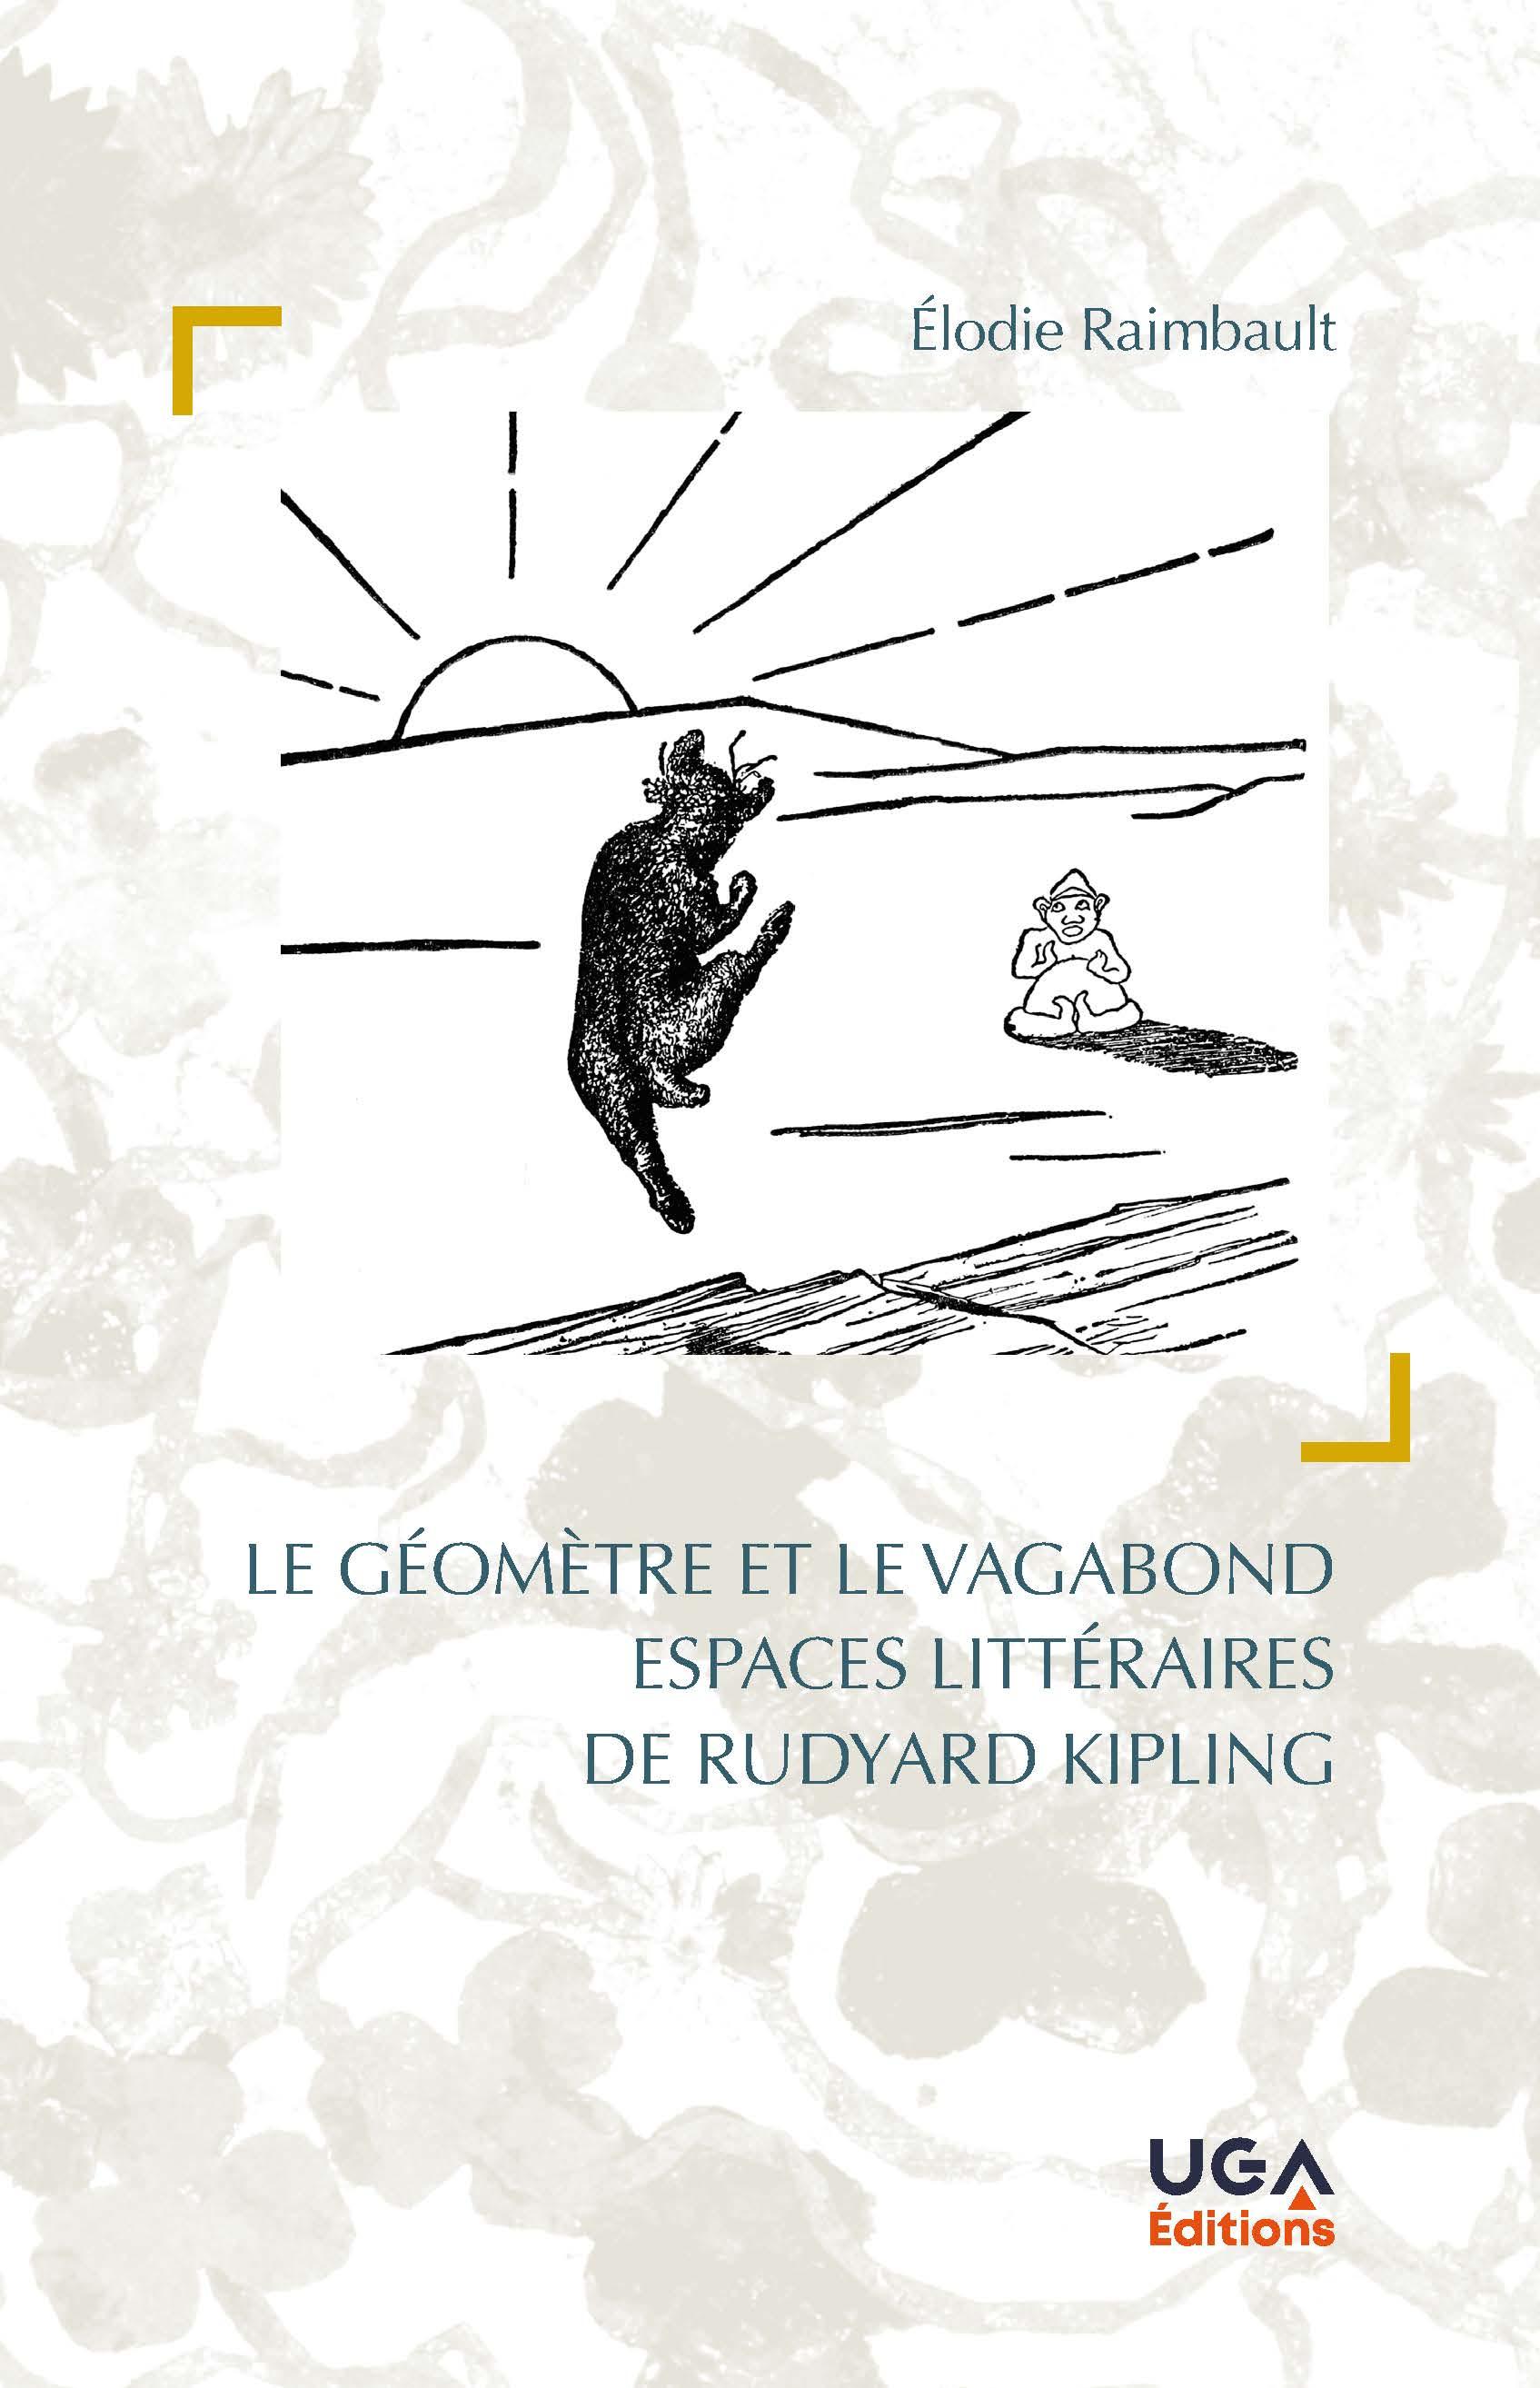 E. Raimbault, Le Géomètre et le vagabond. Espaces littéraires de Rudyard Kipling